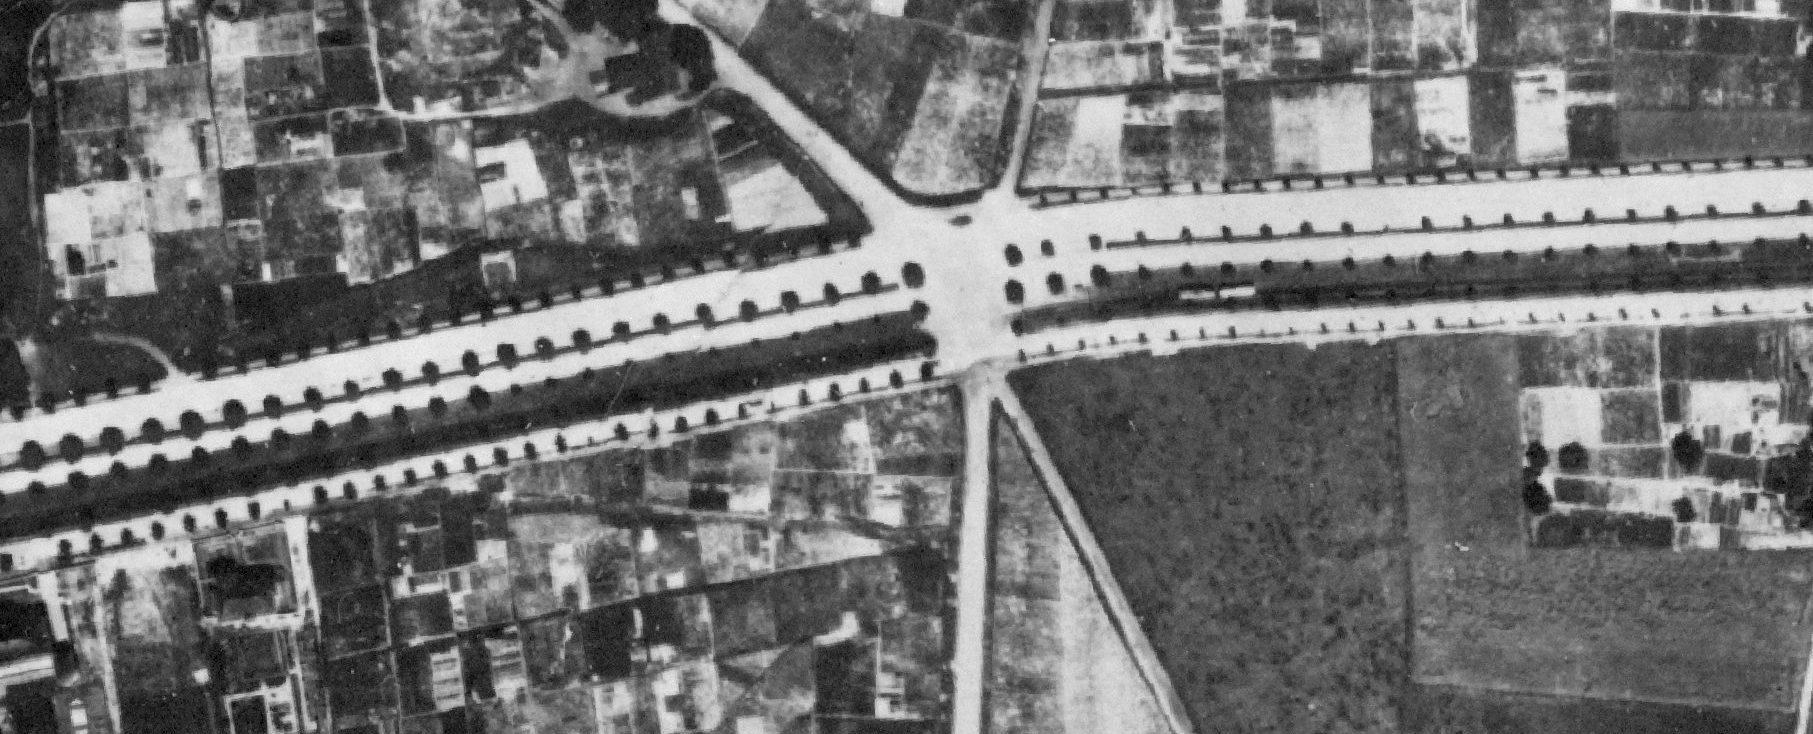 Bereich B1/Semerteichstraße als neue Stadtachse mit fünfreihiger Allee 1926